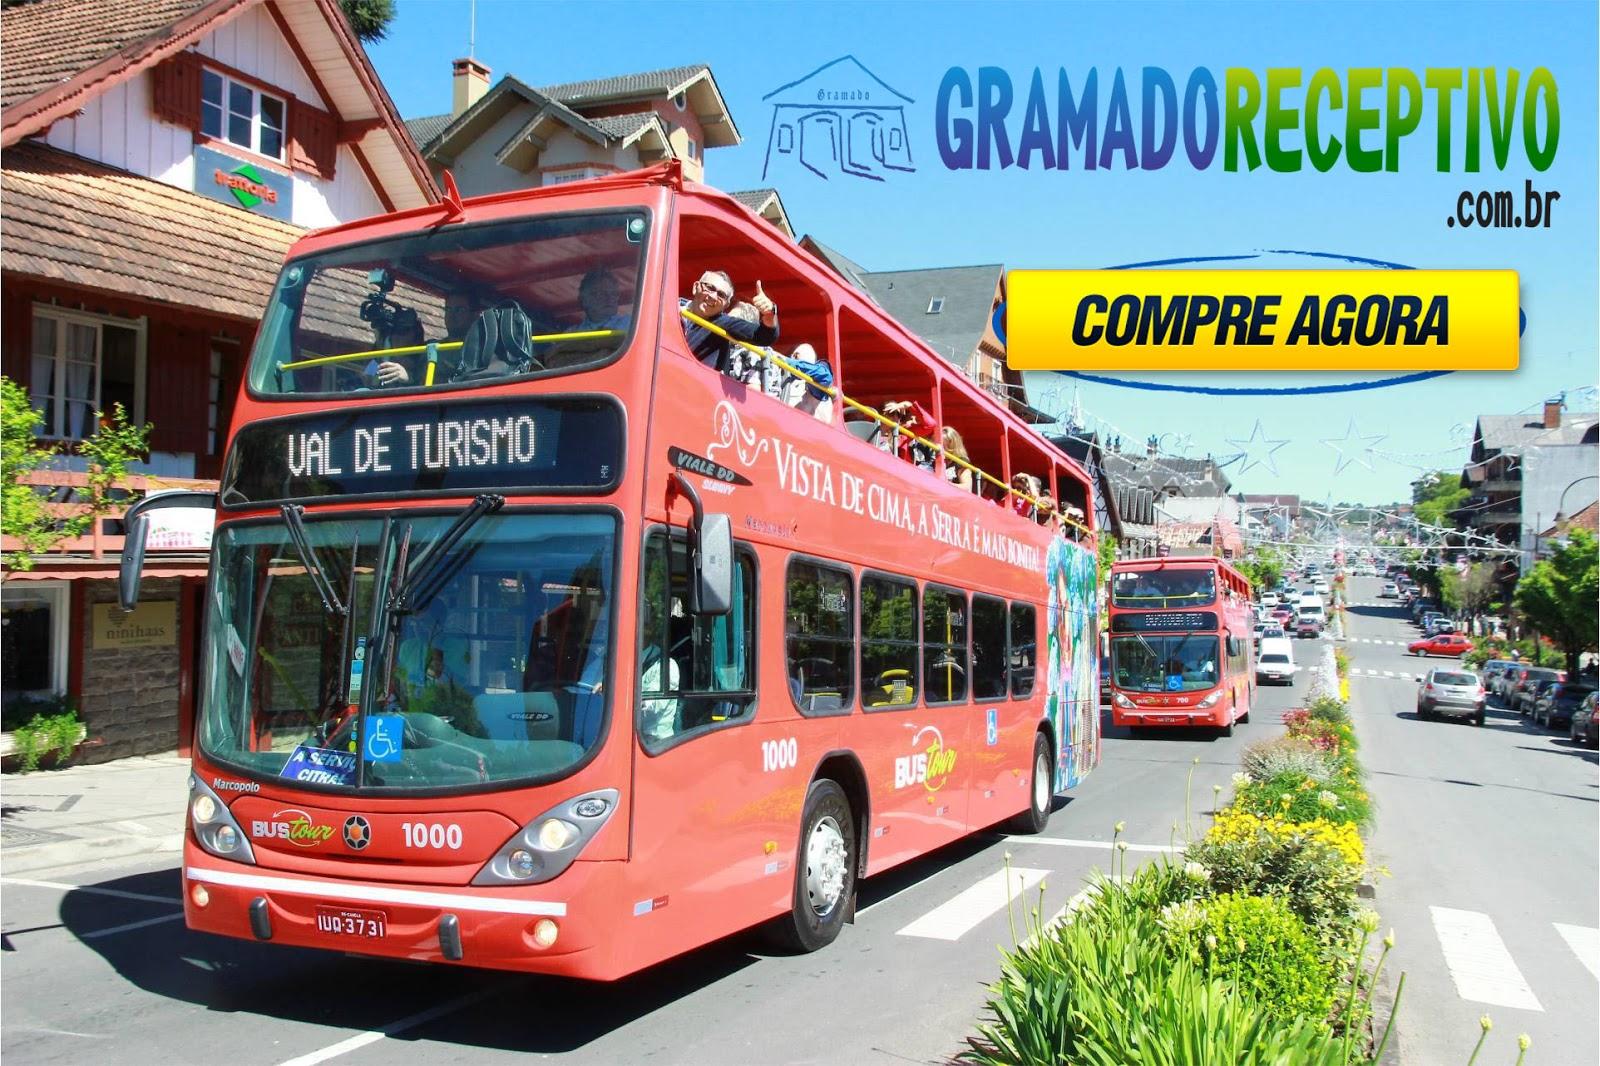 Panama Tour Bus